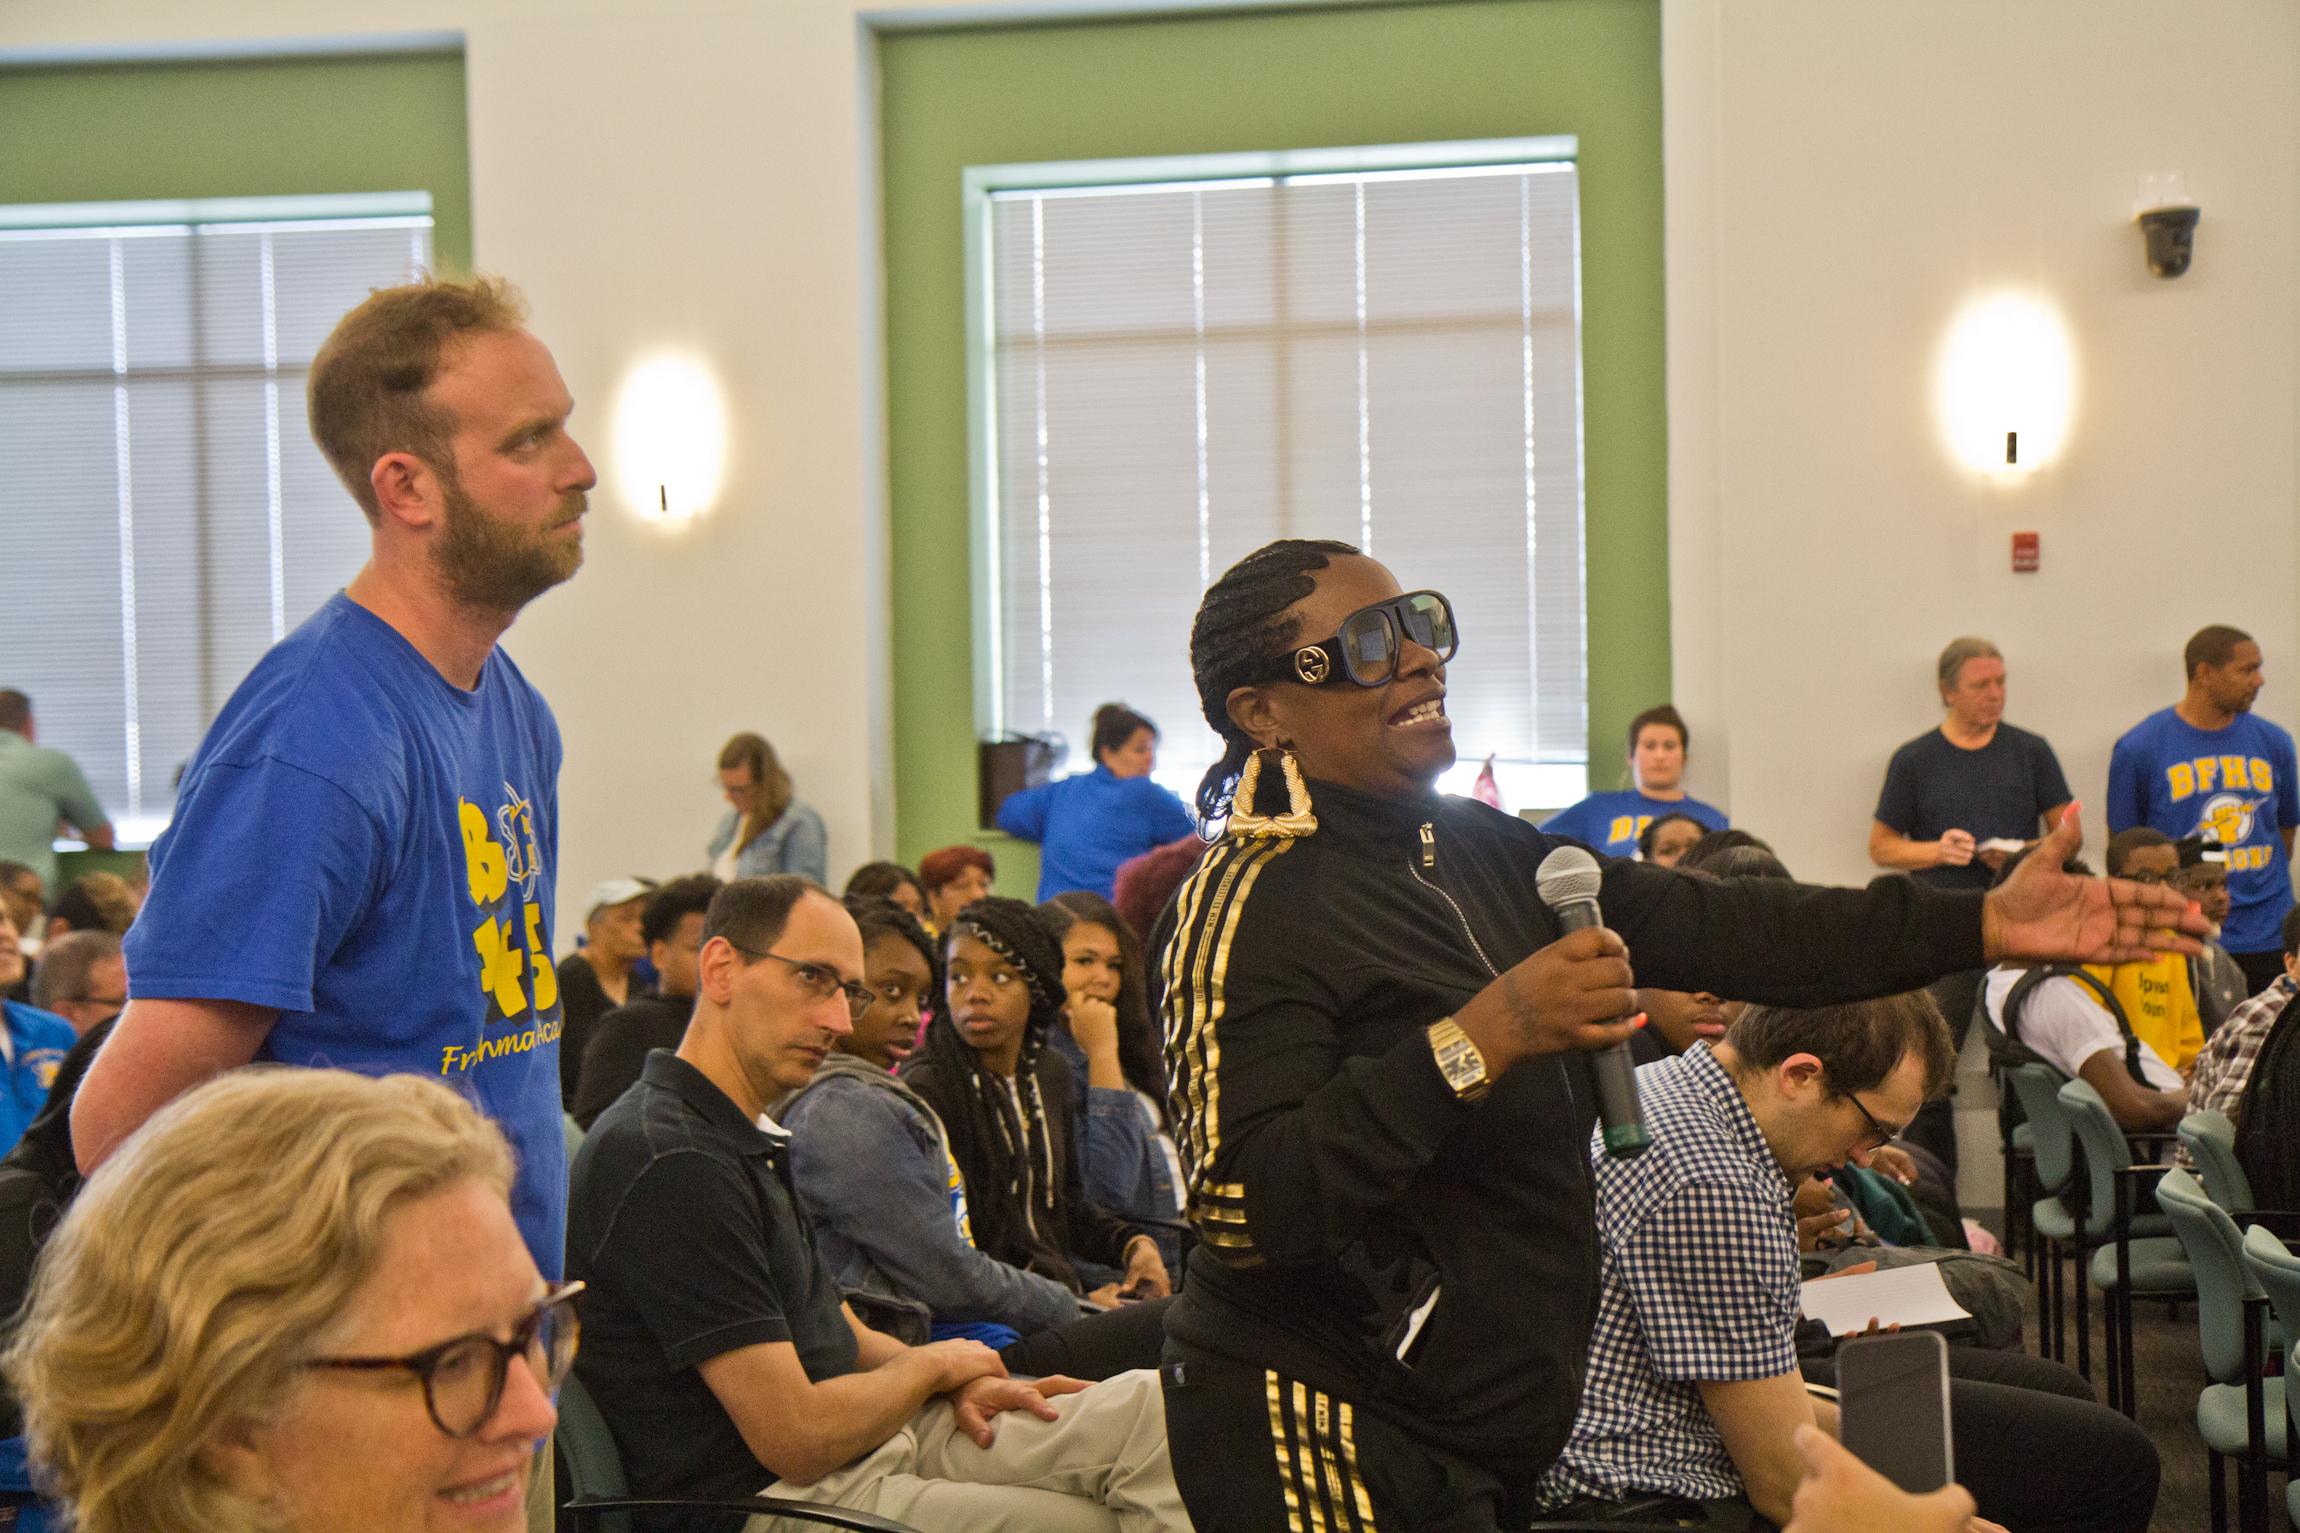 2019 10 07 k paynter school abestos meeting 7 - Ben Franklin, SLA to close for months amid asbestos concerns